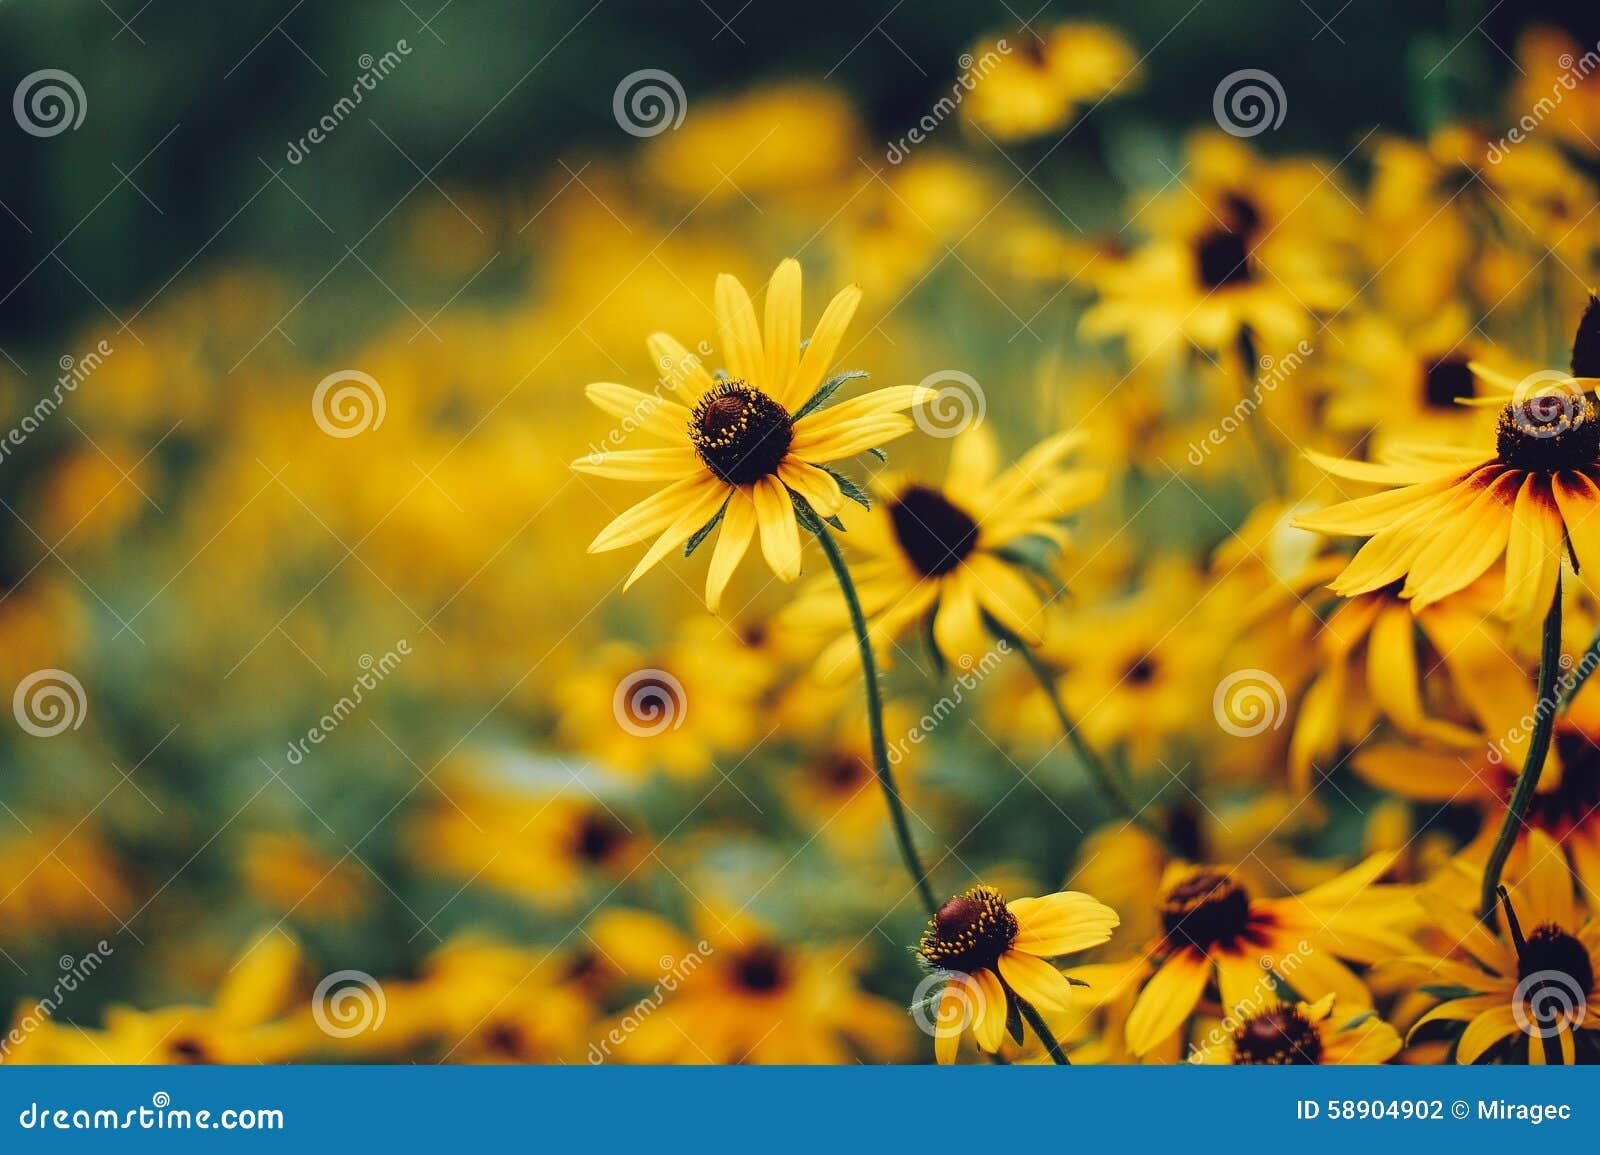 黑眼睛的hirta黄金菊susans